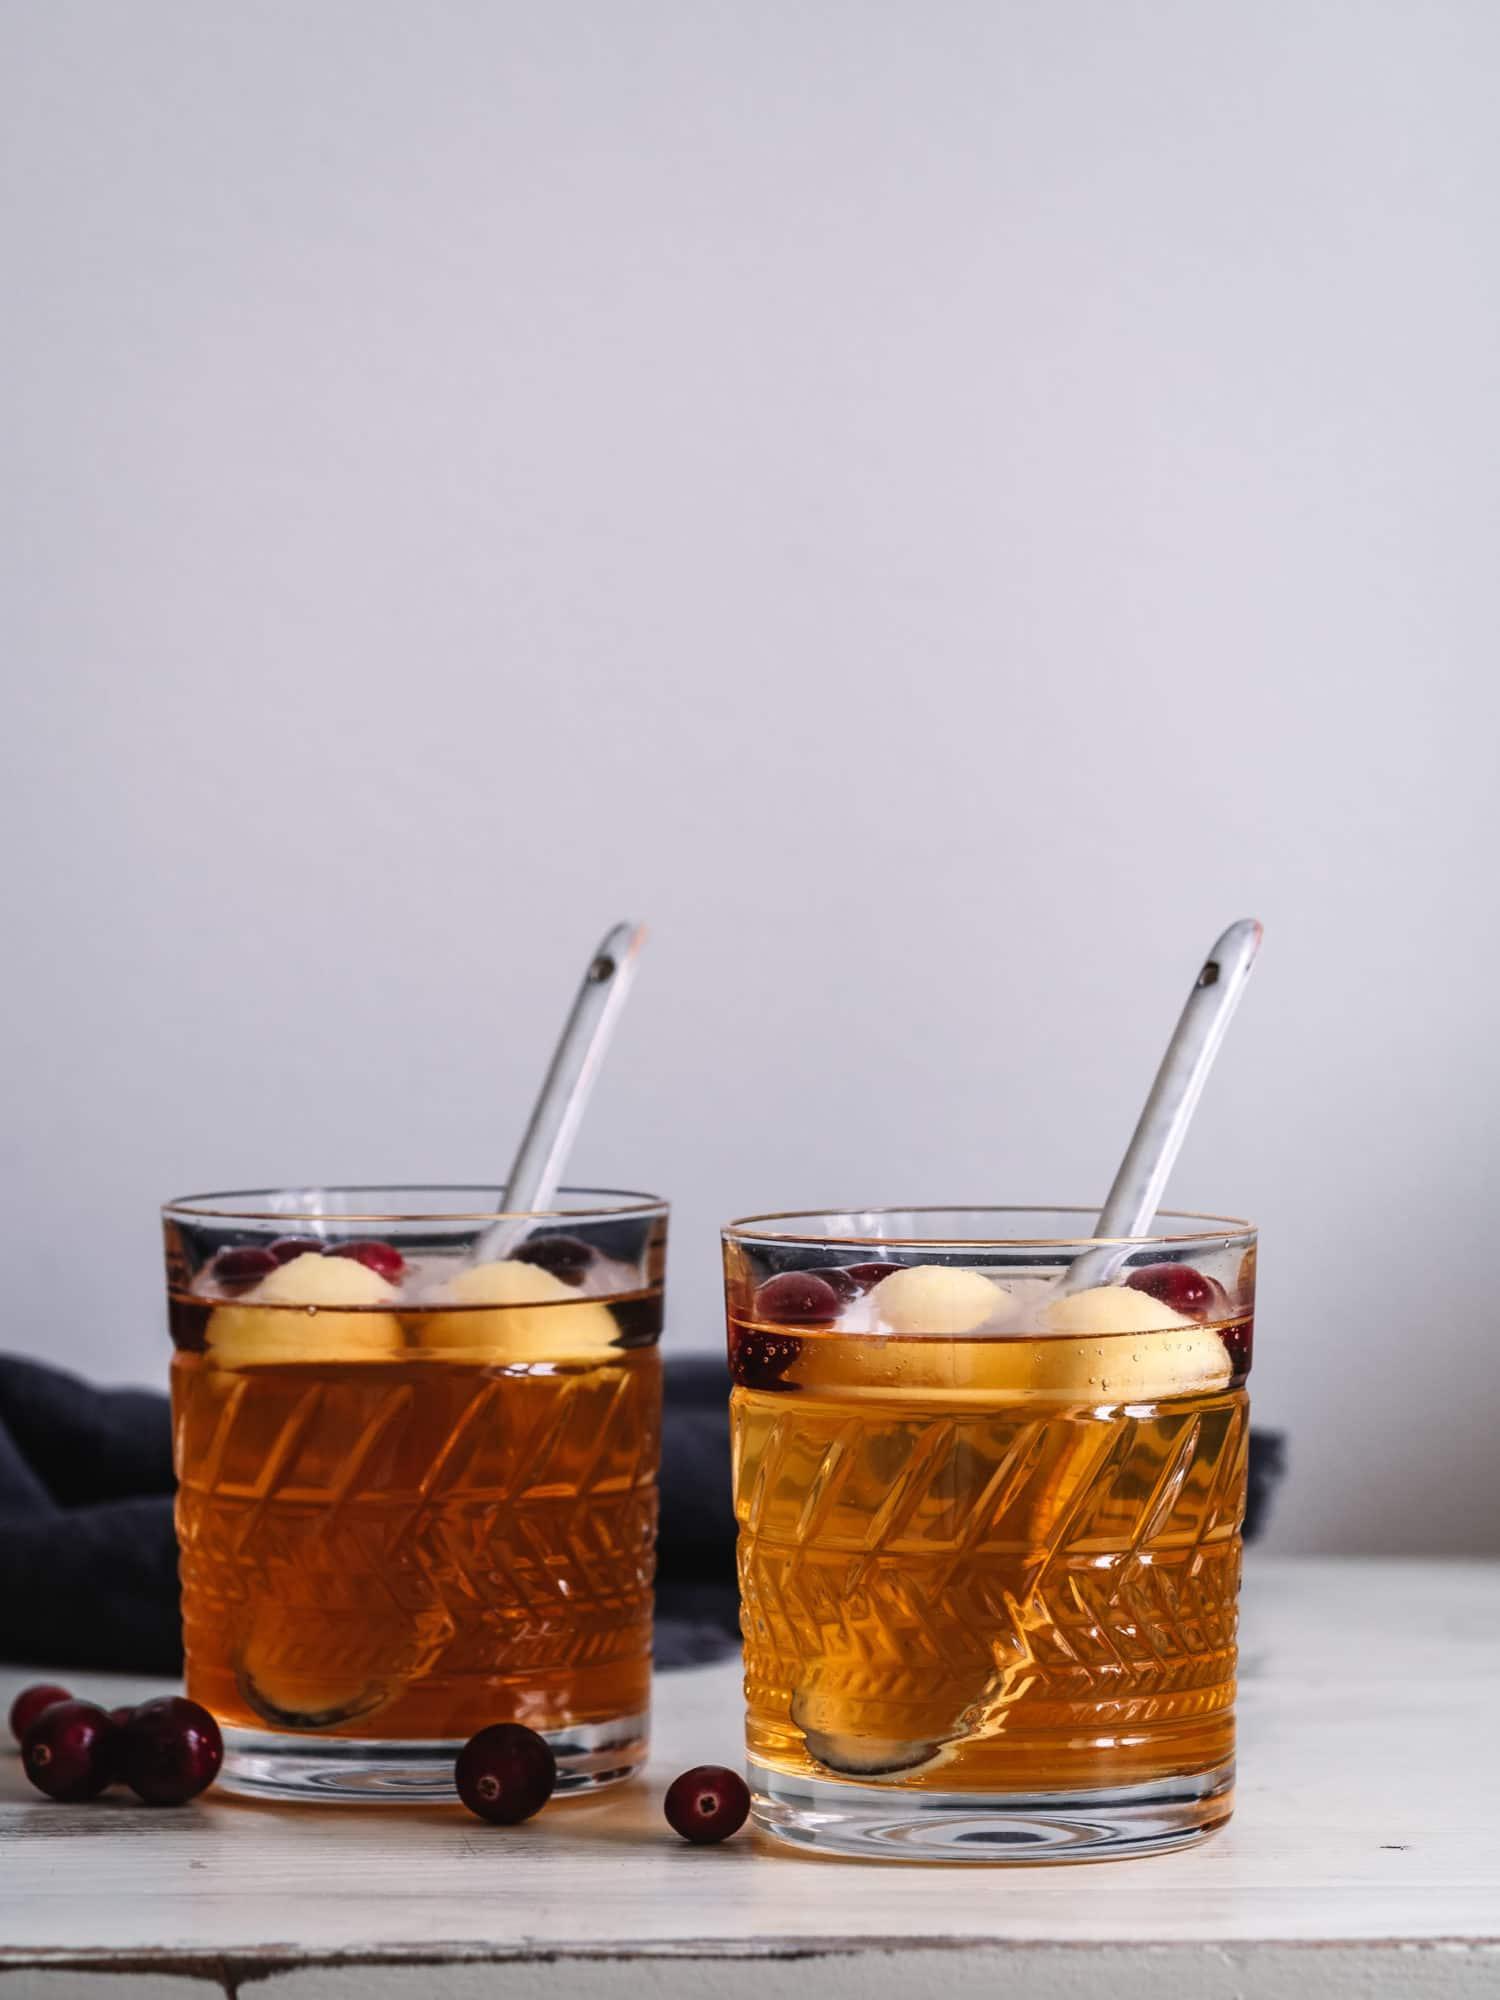 Alkoholfreie Bowle mit Äpfeln und Rosmarin, ein Weihnachtsklassiker